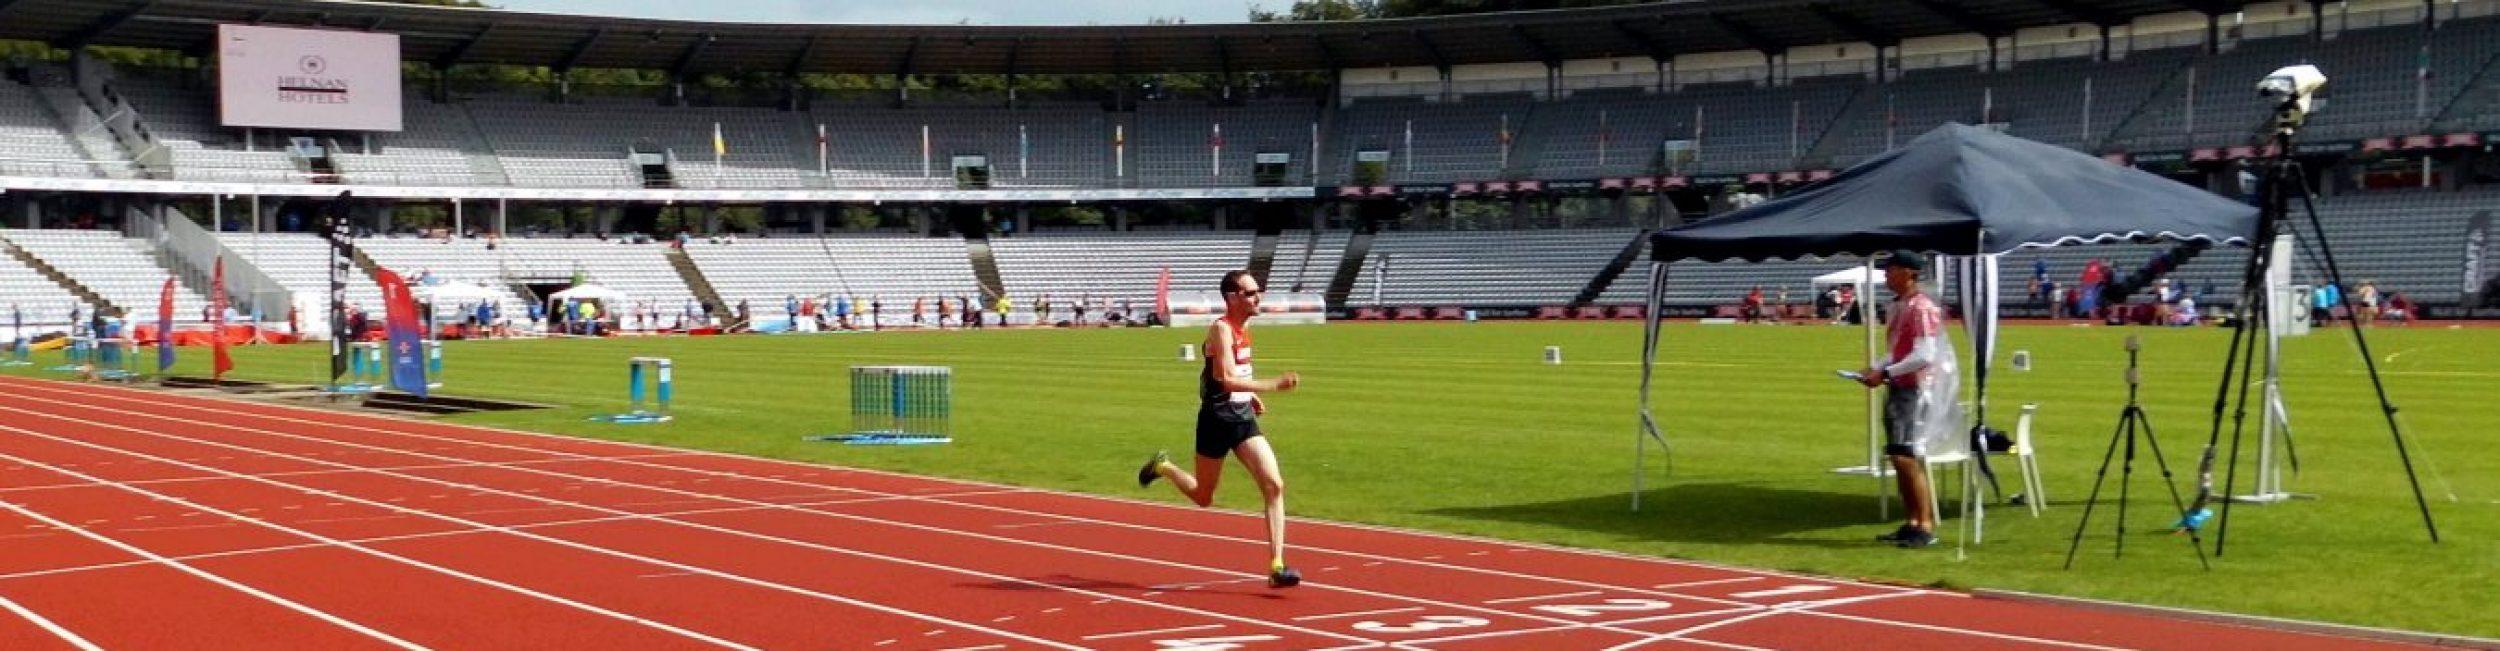 Benjamin Fritzsch – Leistungssport